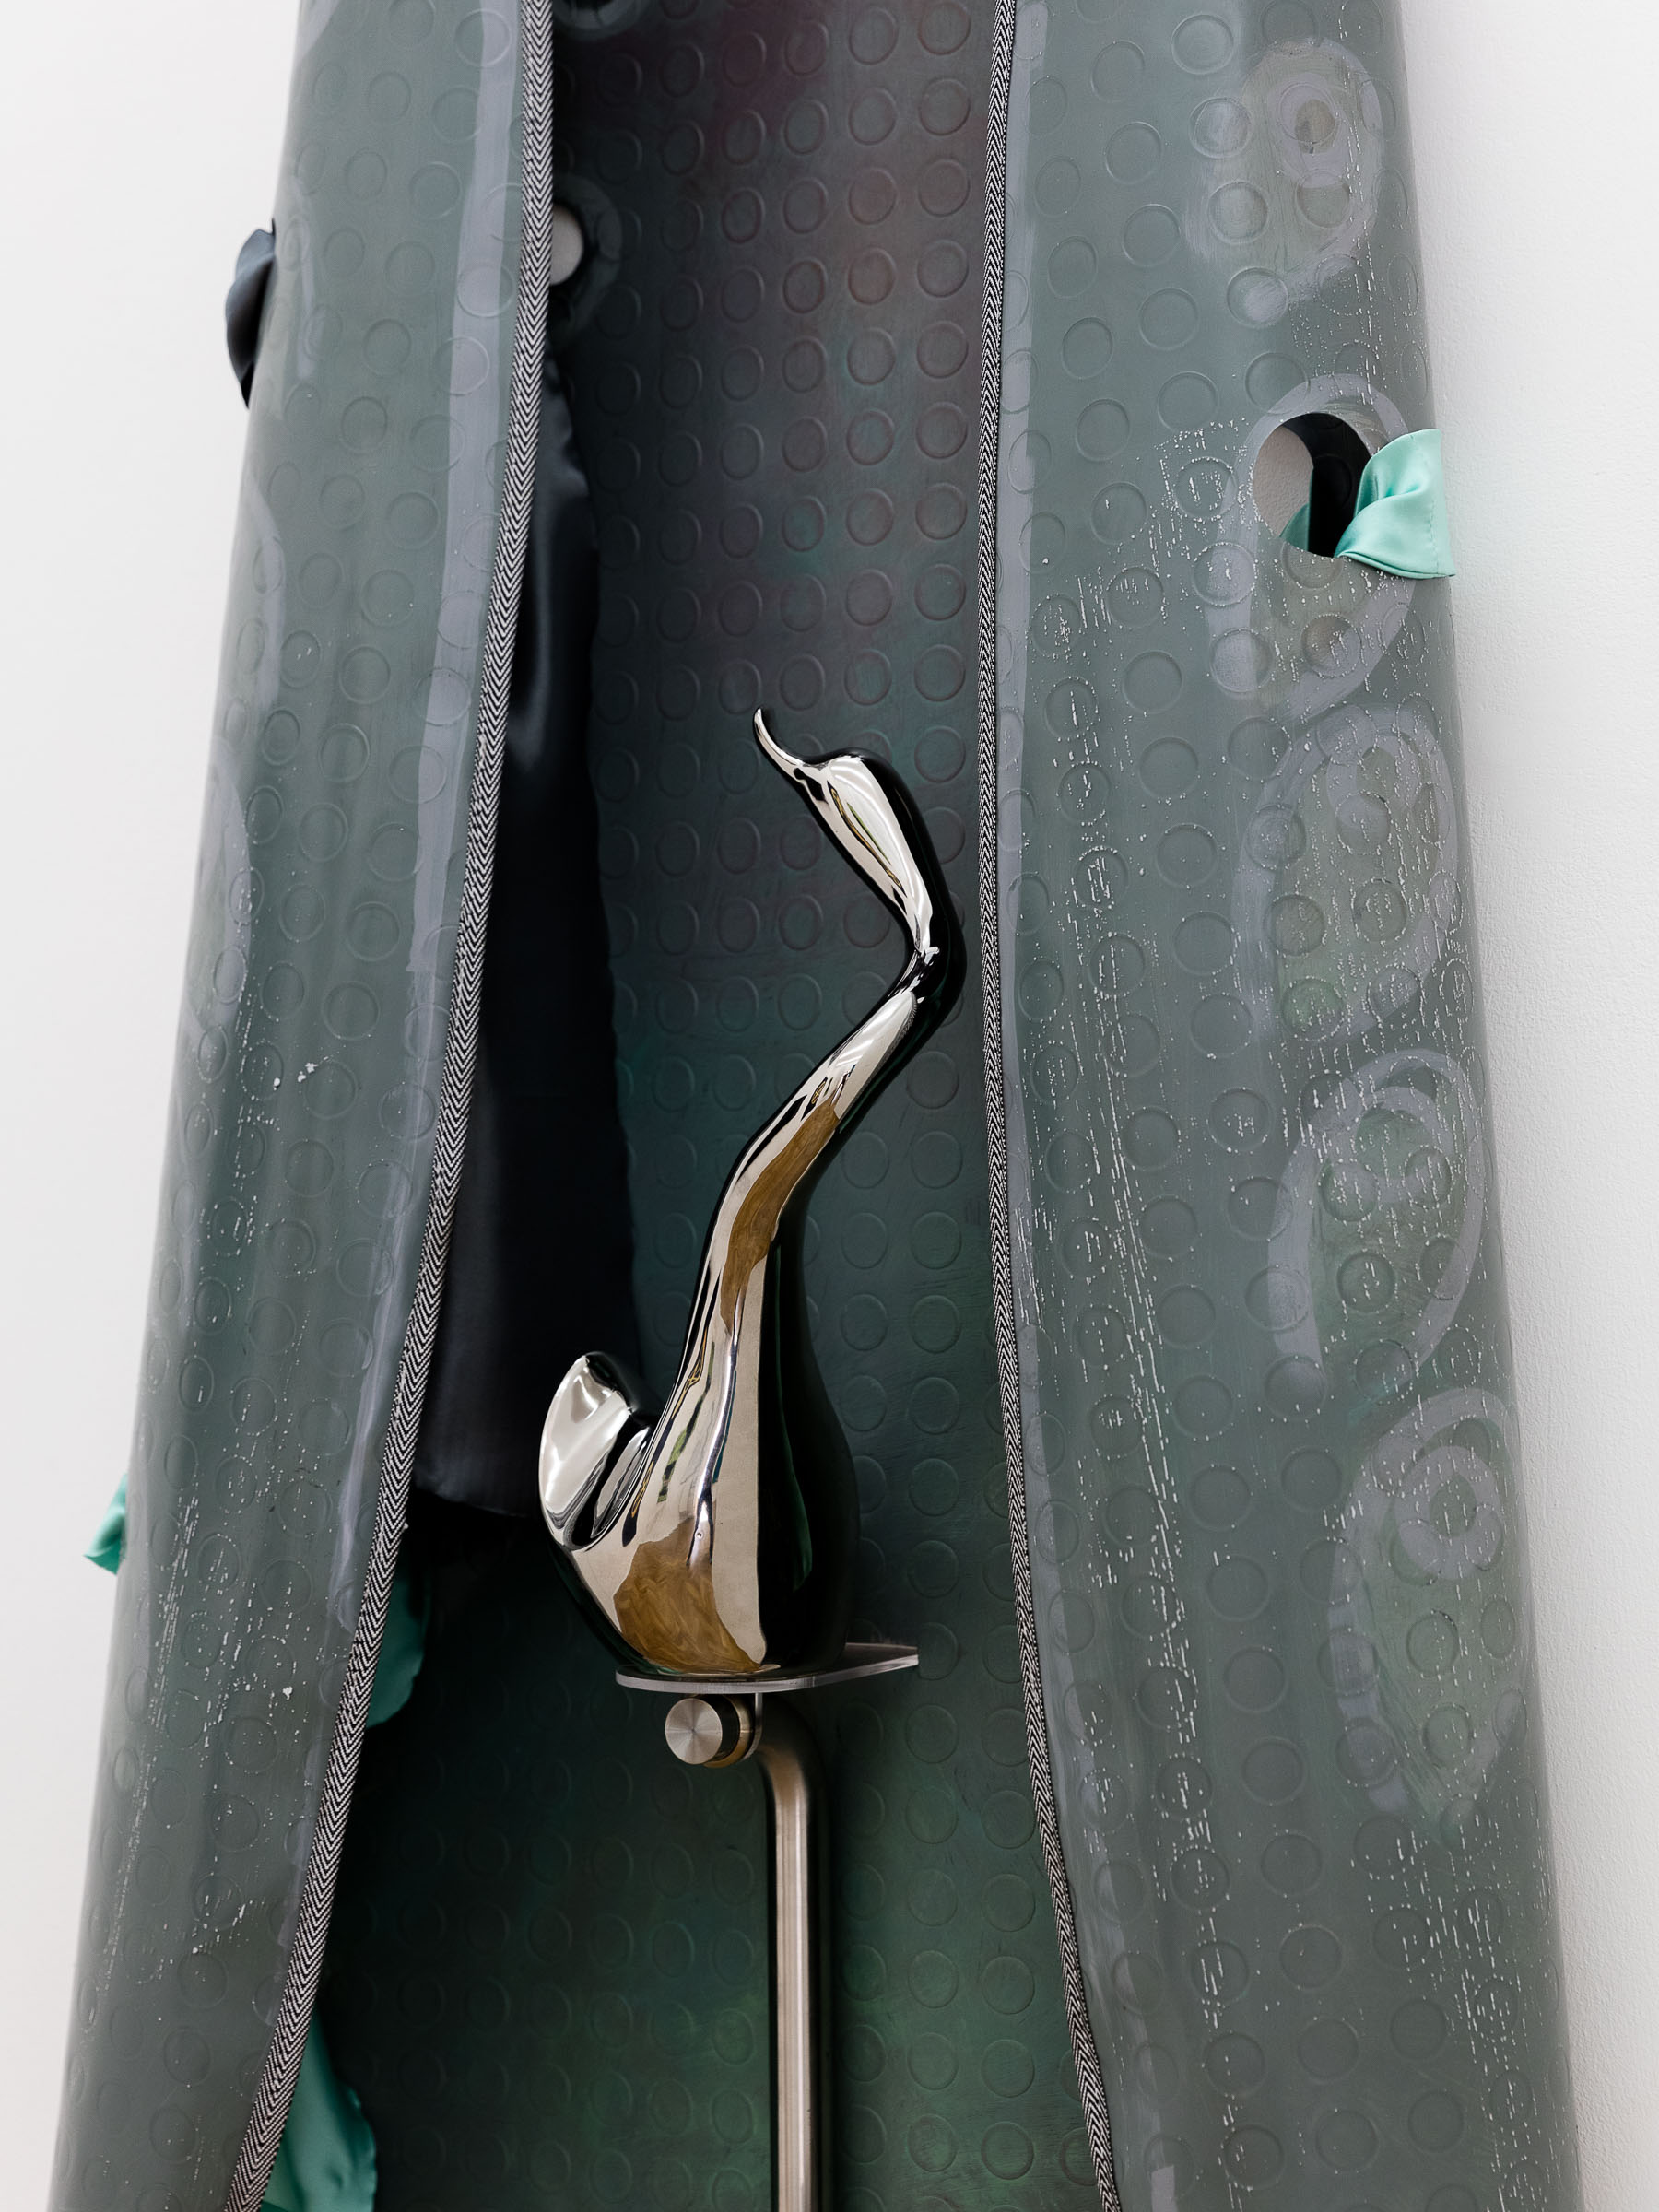 Ana Navas; Iron (detail), 2018; pvc, acrylic, metal, textile, ceramic; 195 x 62 cm